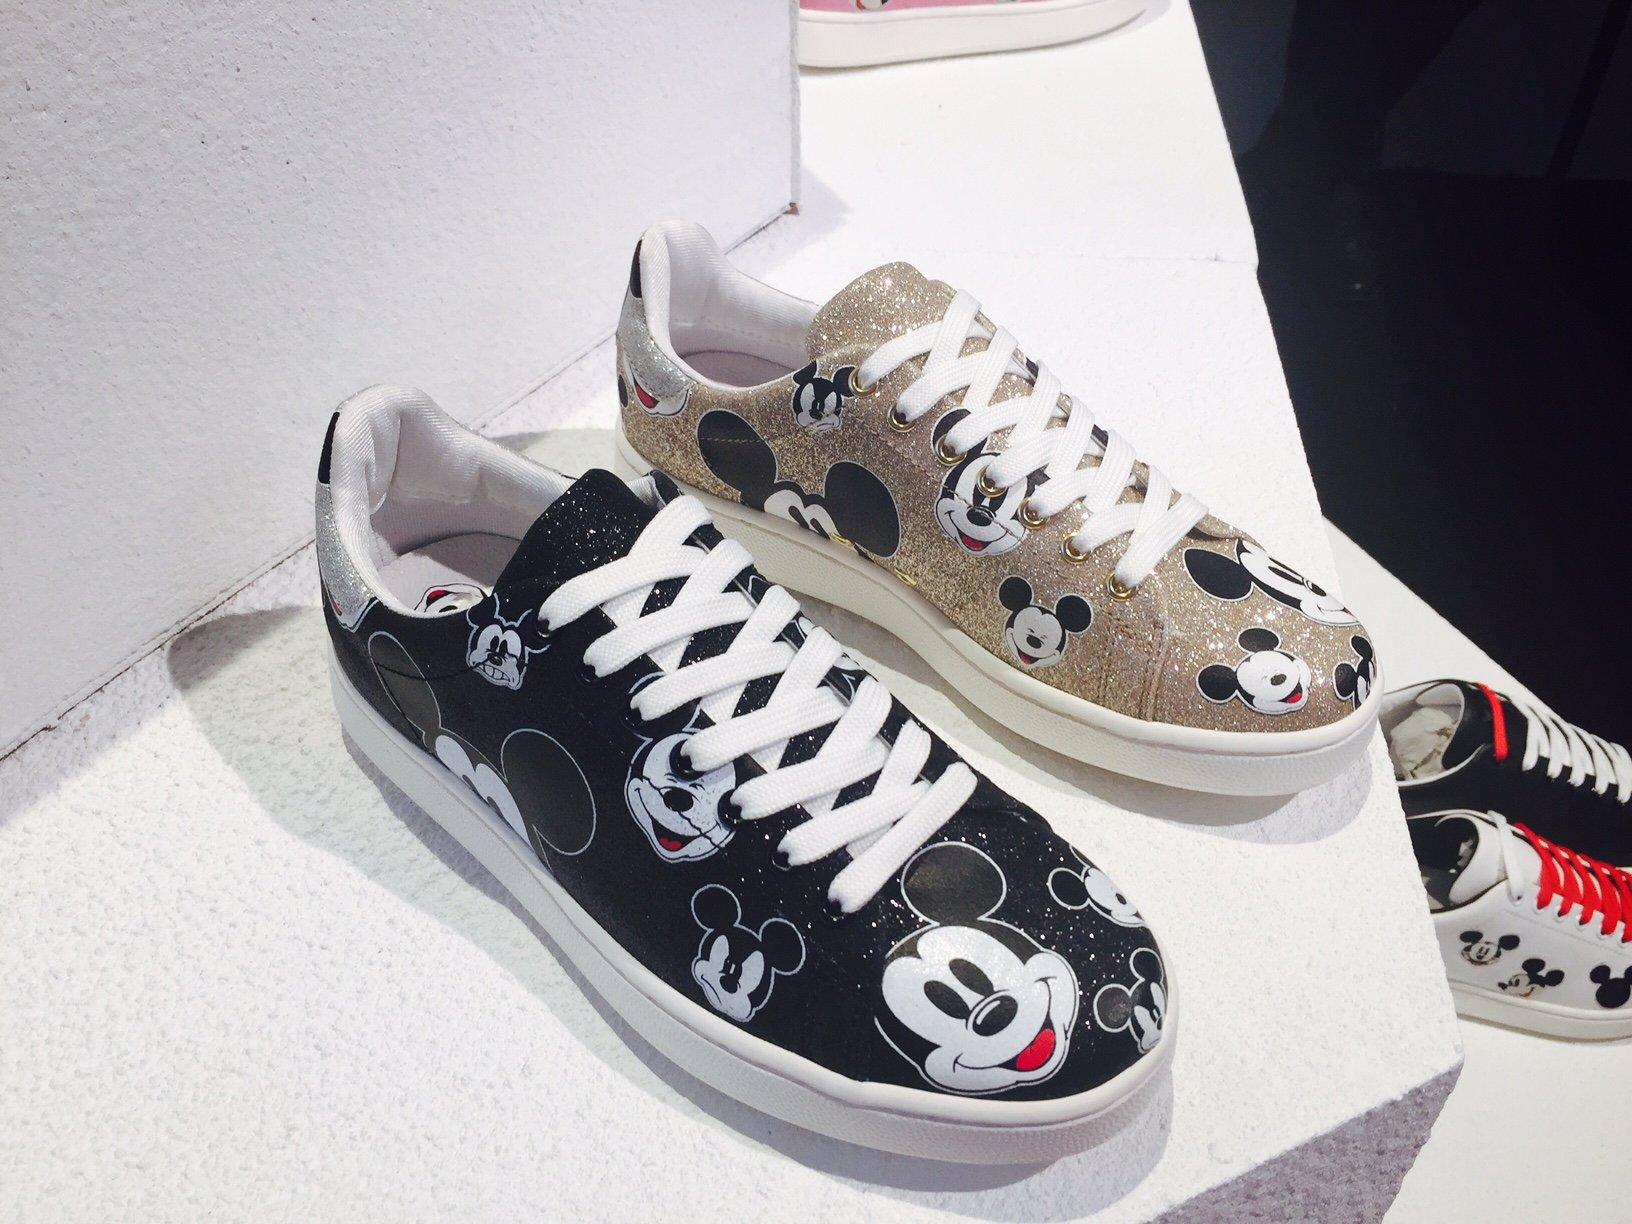 scarpe adidas disney donna foto delle sneakers Moa con Topolino